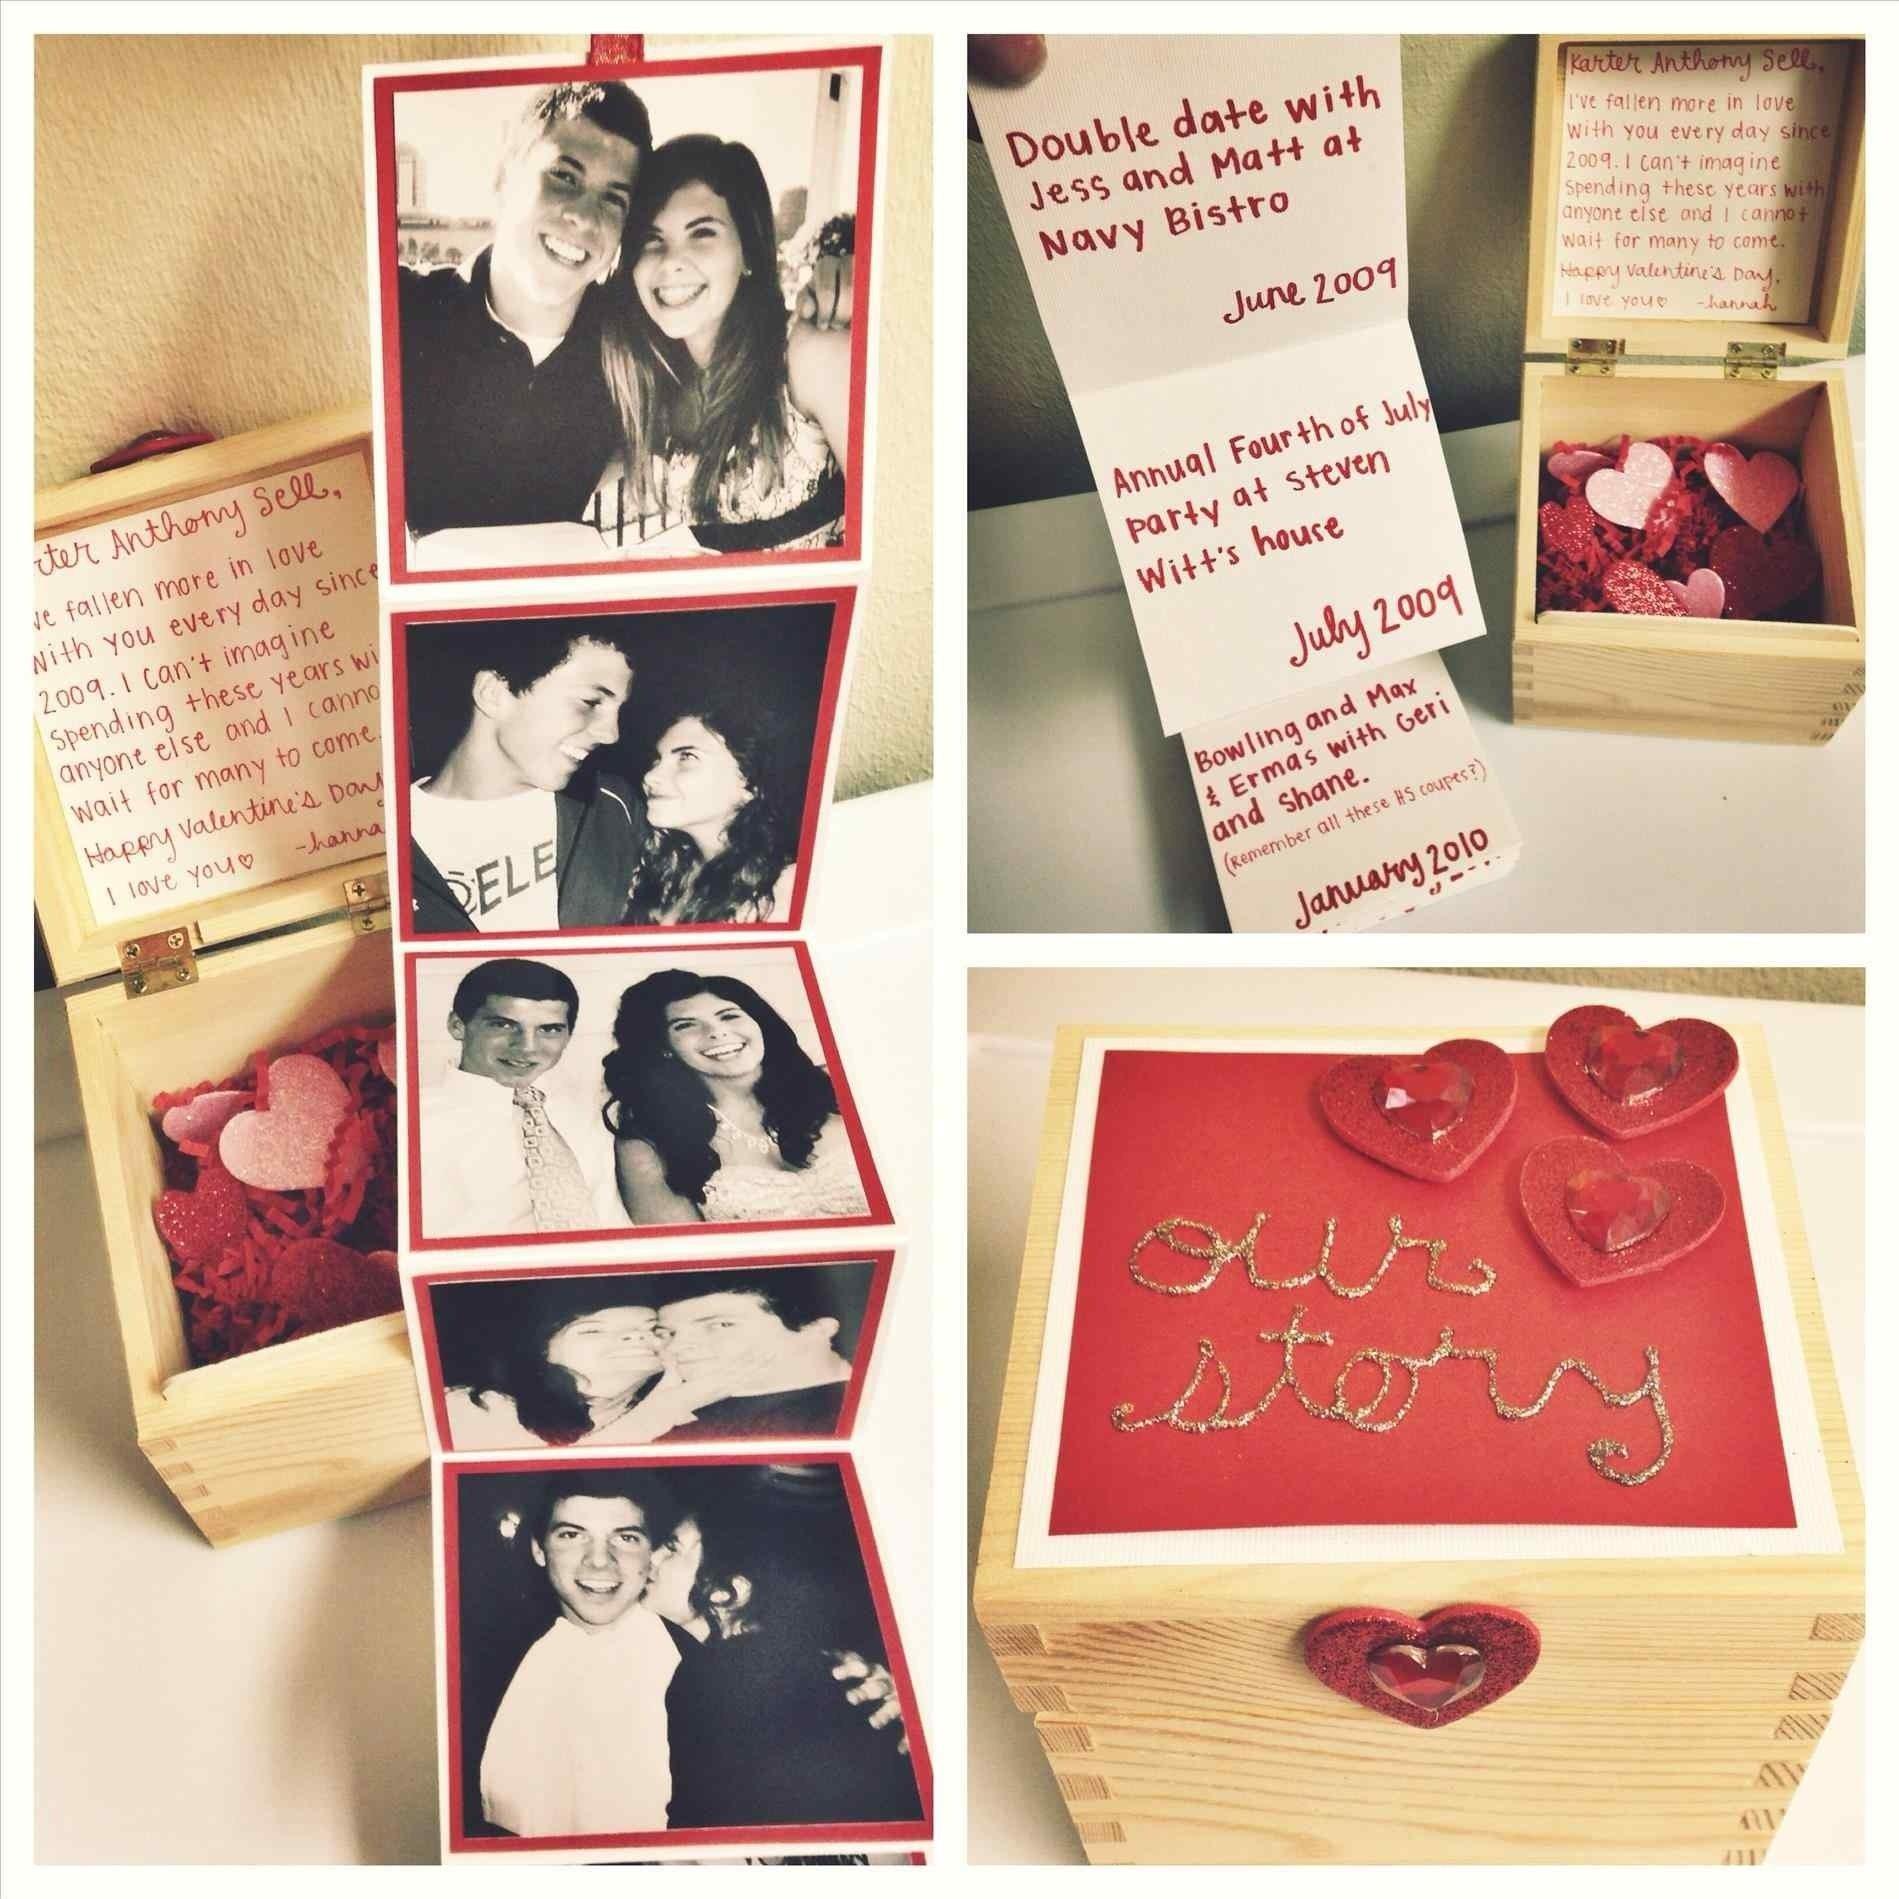 10 Nice Diy Gift Ideas For Boyfriend luxury diy gift ideas for boyfriend anniversary cute s with